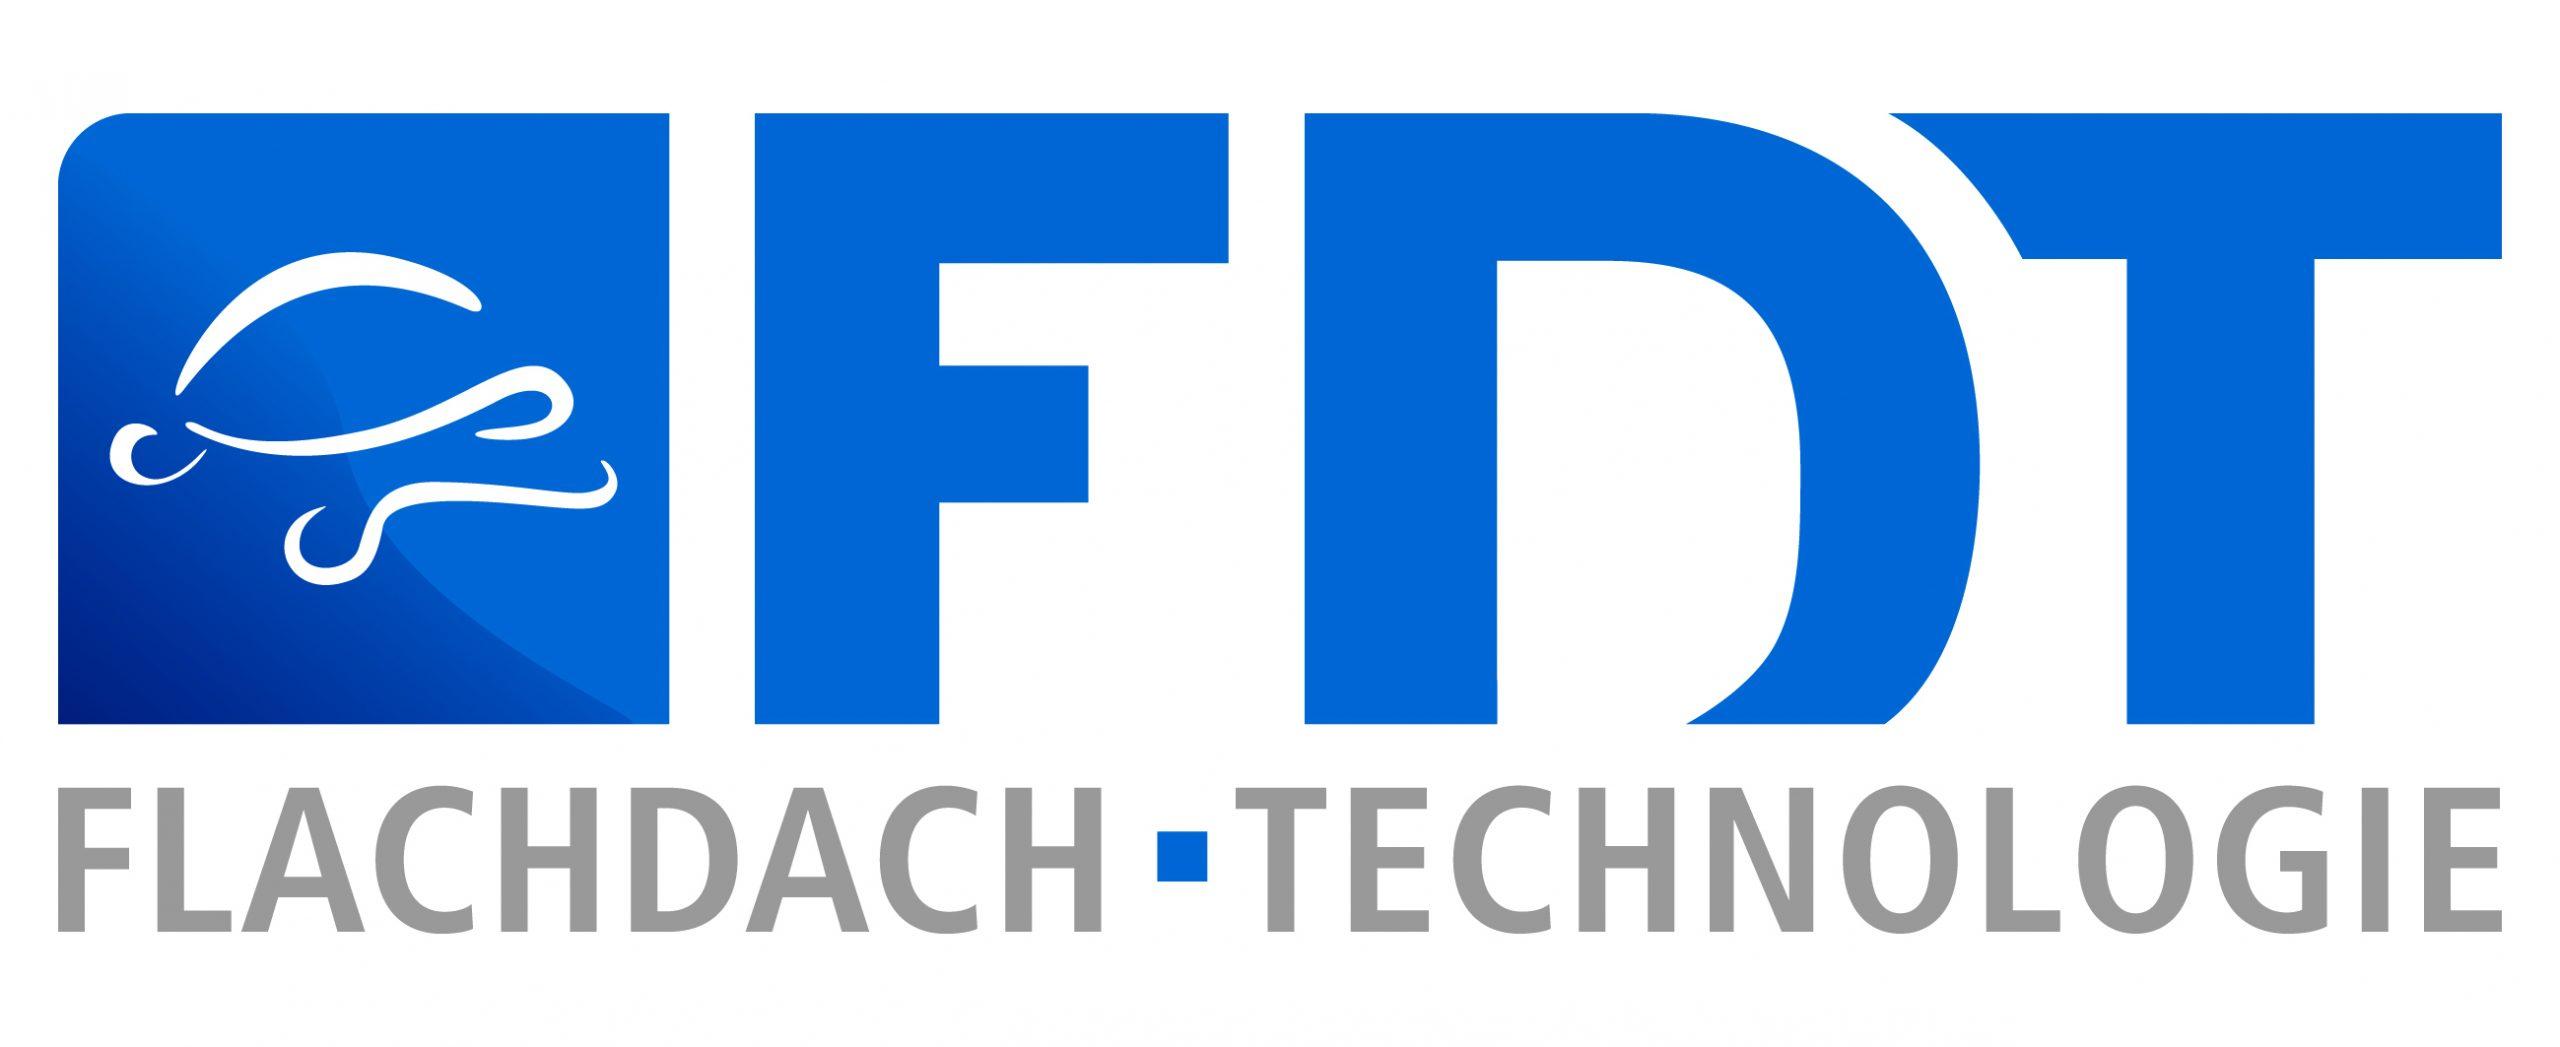 FDT Flachdach Technologie - www.fdt.de